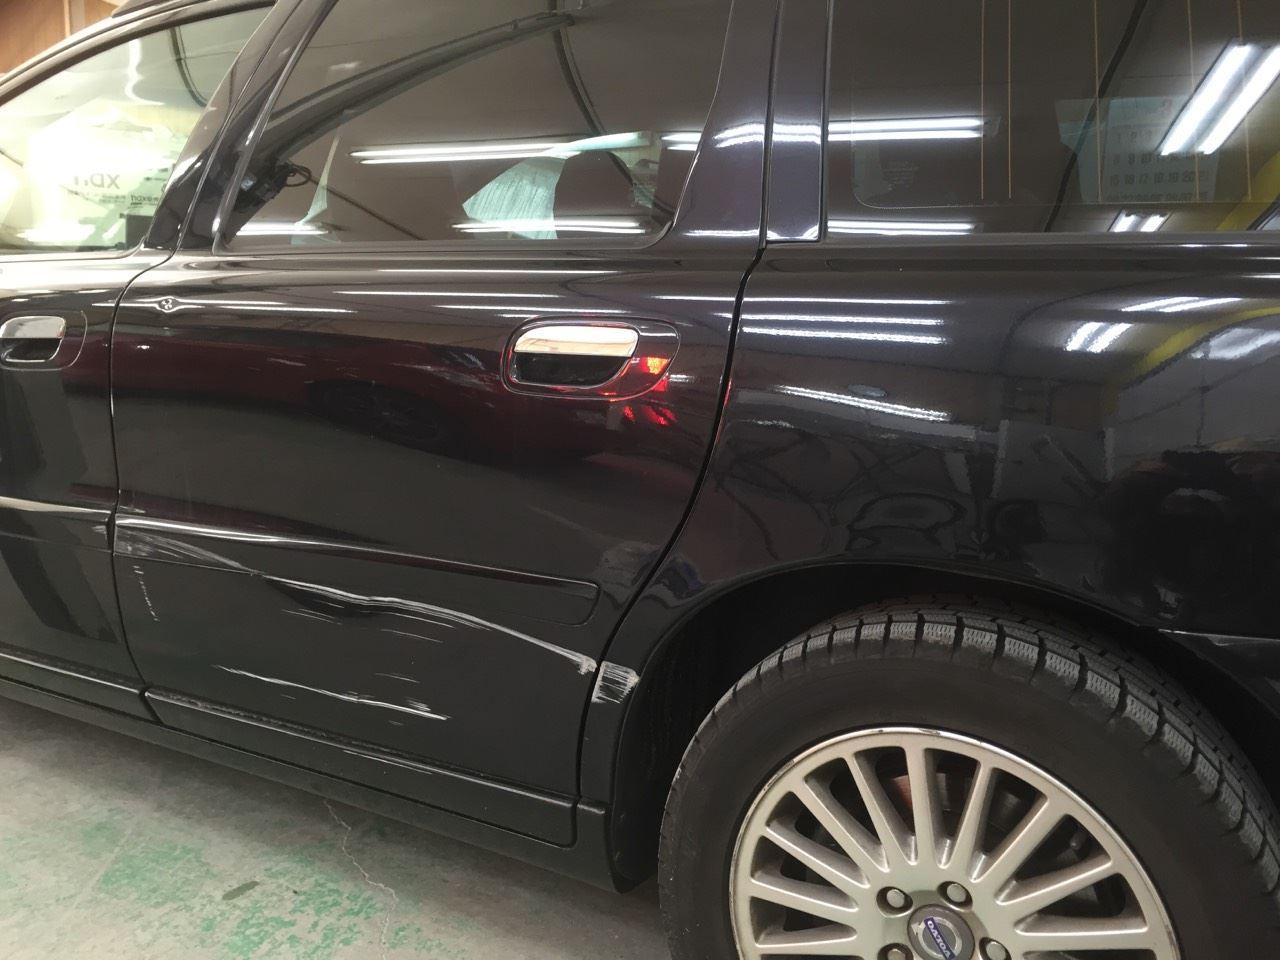 東京都立川市の車の板金塗装修理工場 ガレージローライドのボルボ V70の左側面のキズ へこみ の板金 修理 塗装 です。